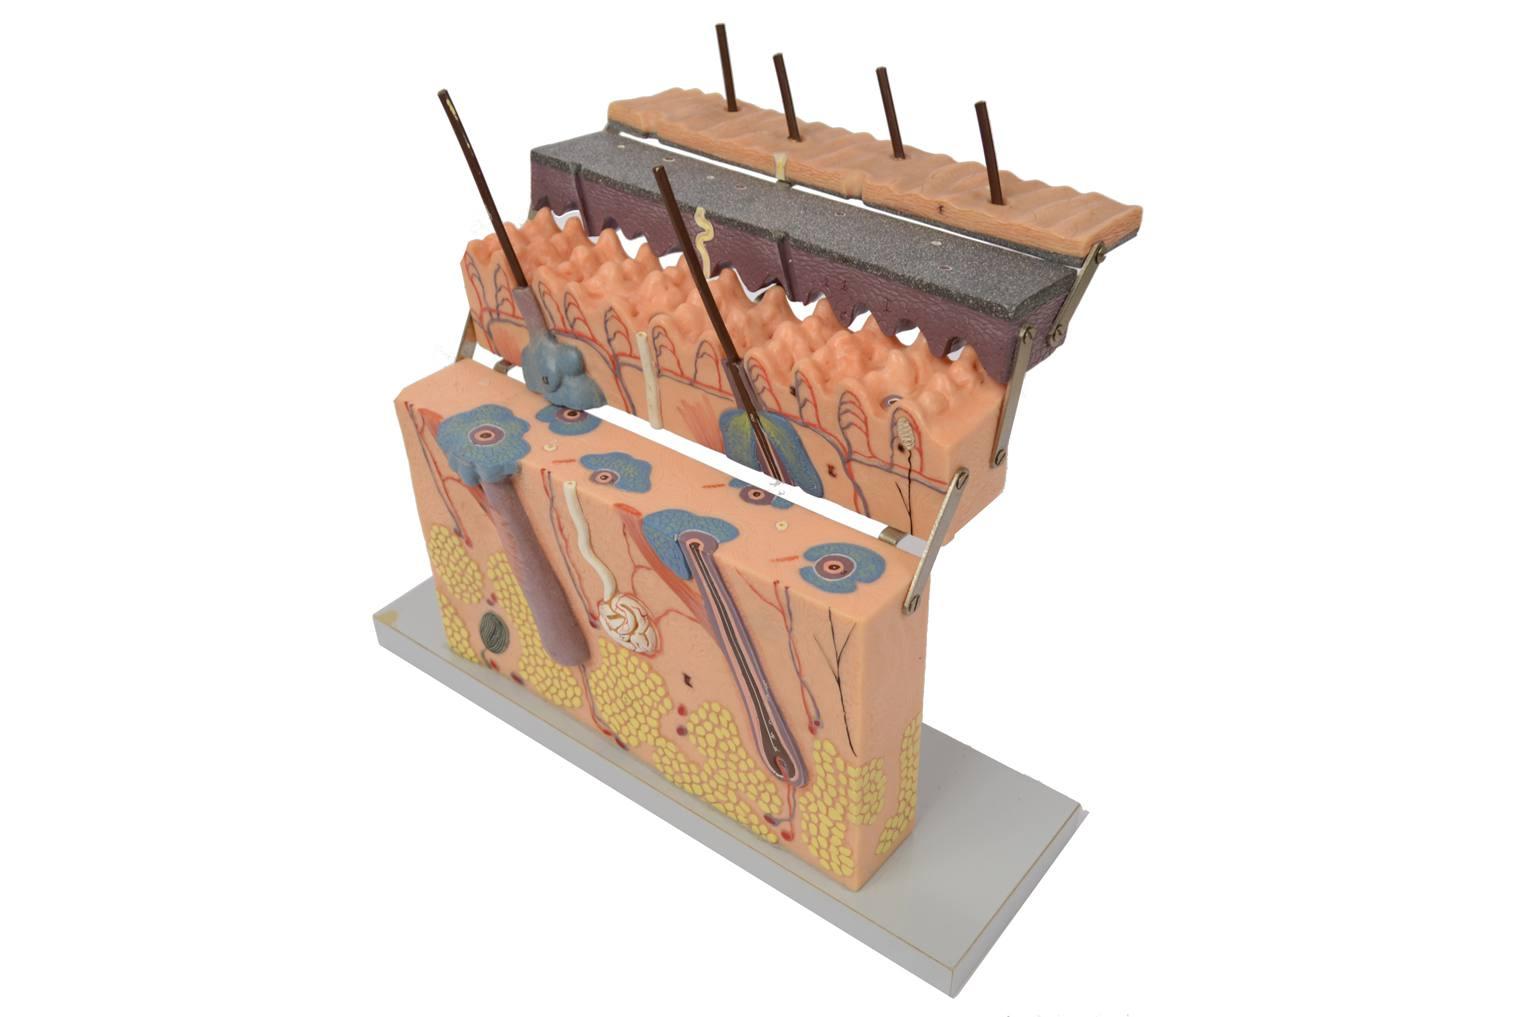 Strumenti medici d'epoca/6138-Modello dermatologico